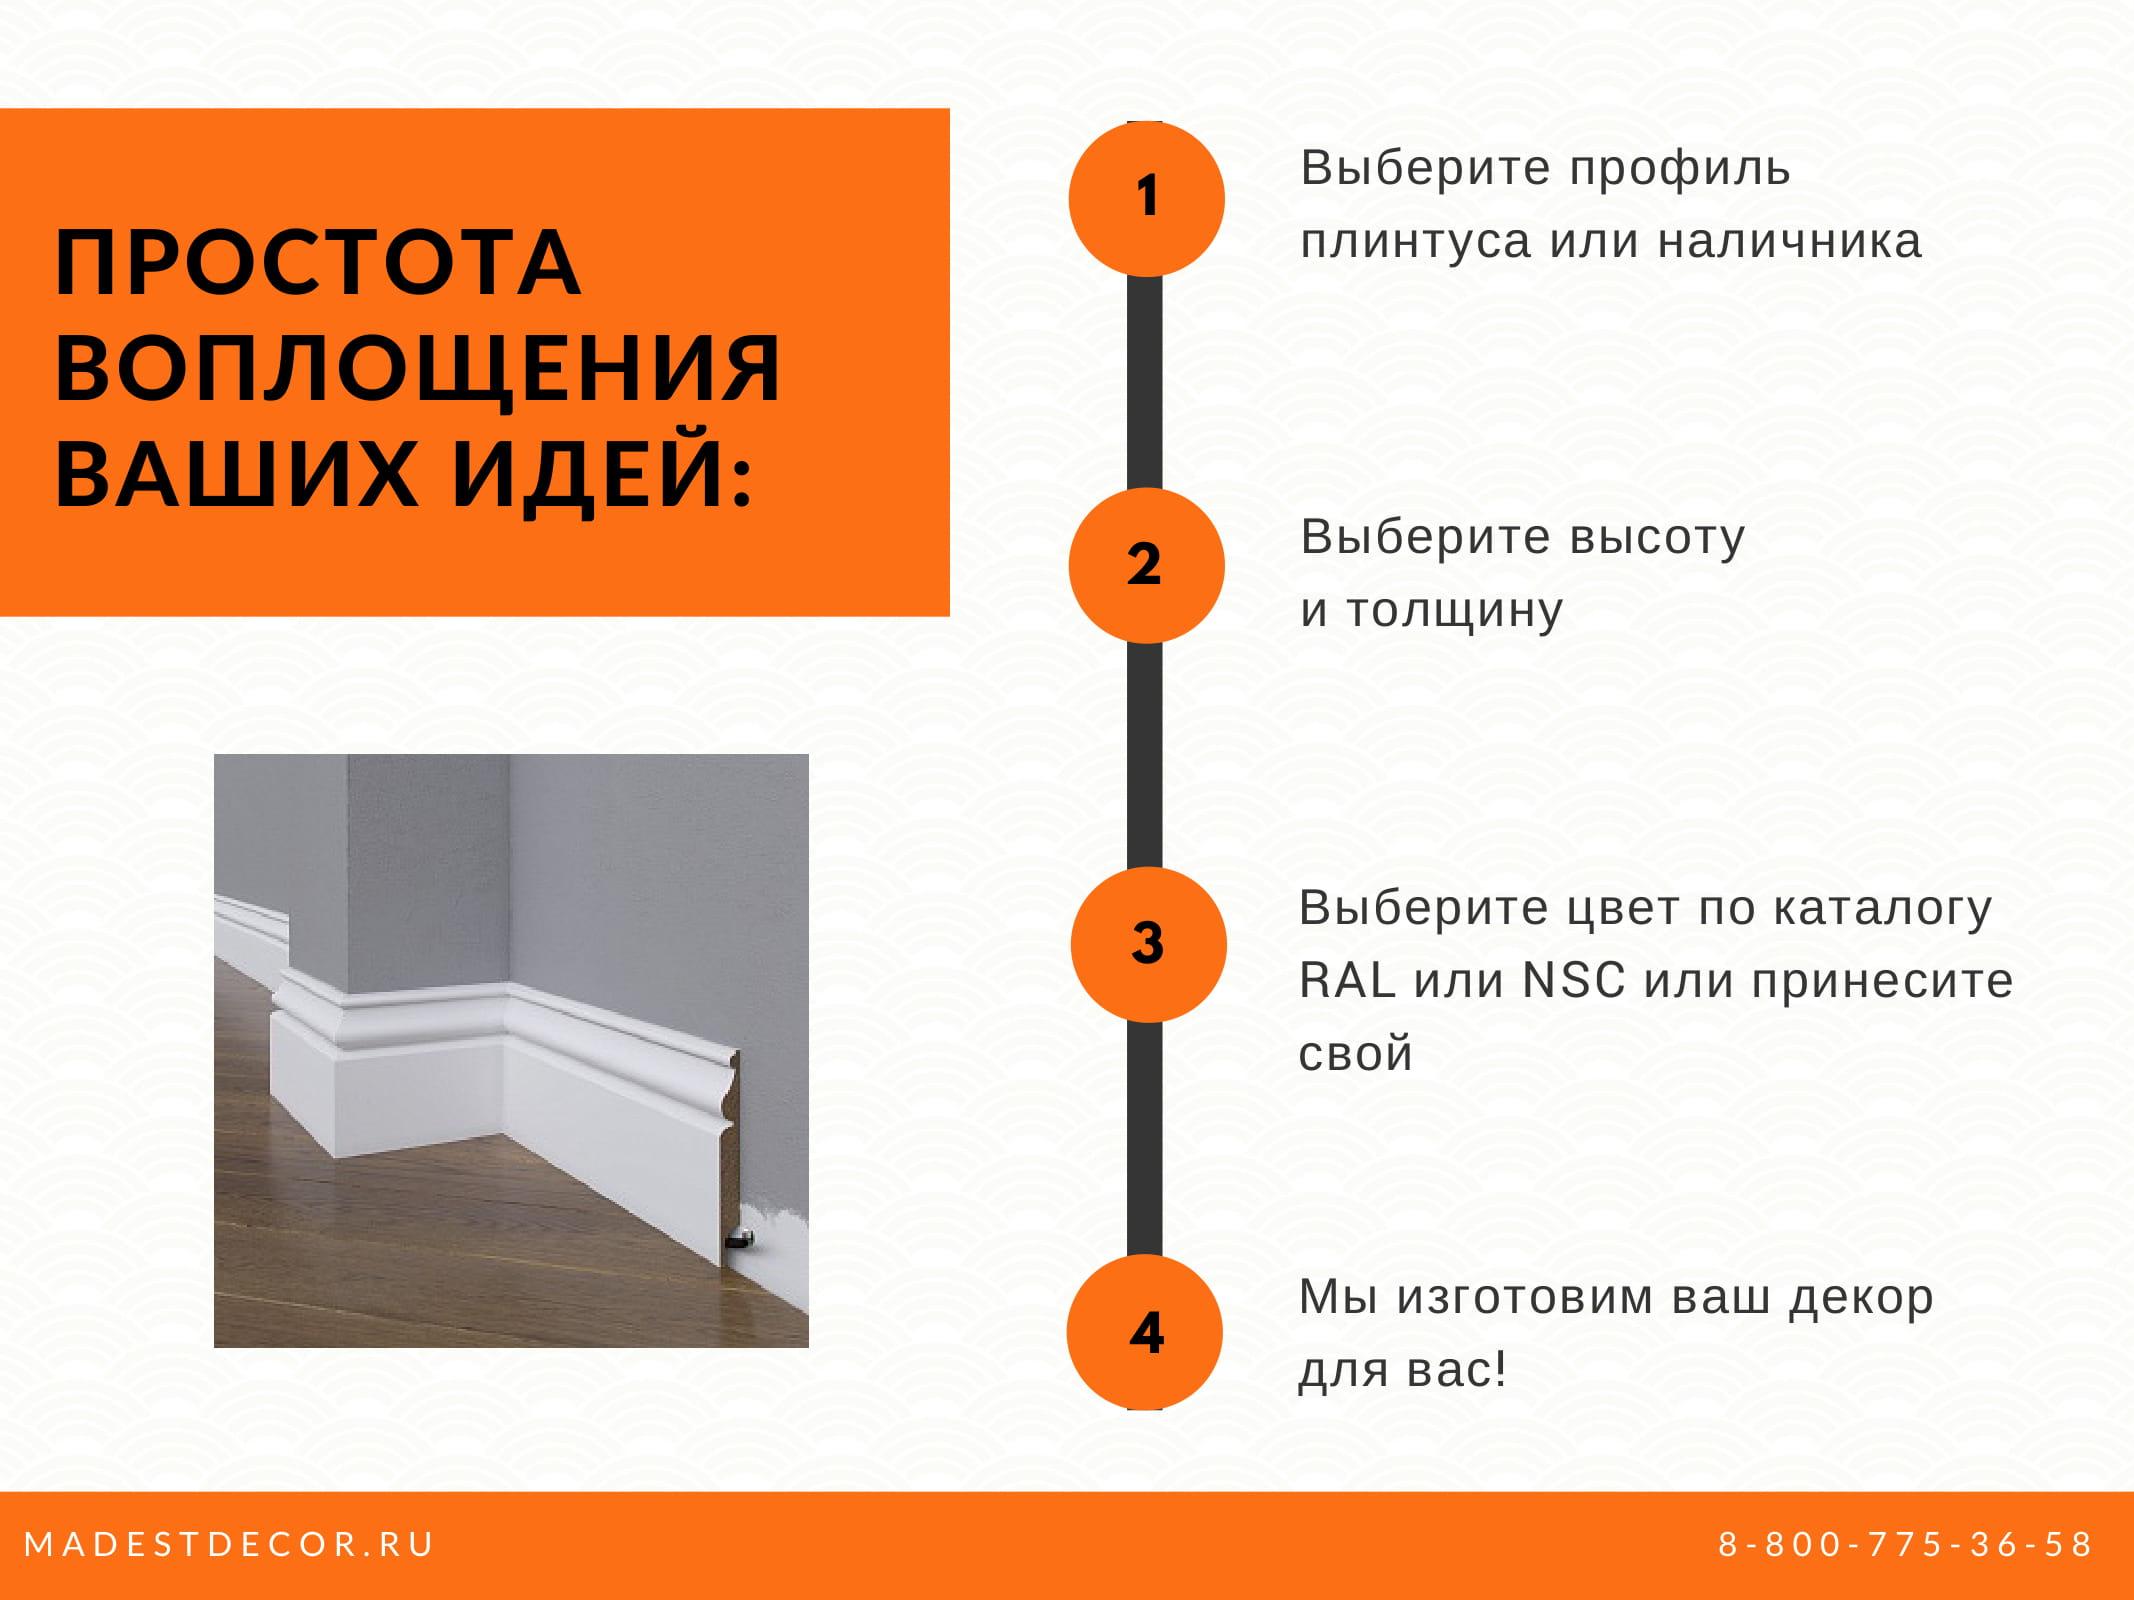 Madest_decor_презентация-6.jpg